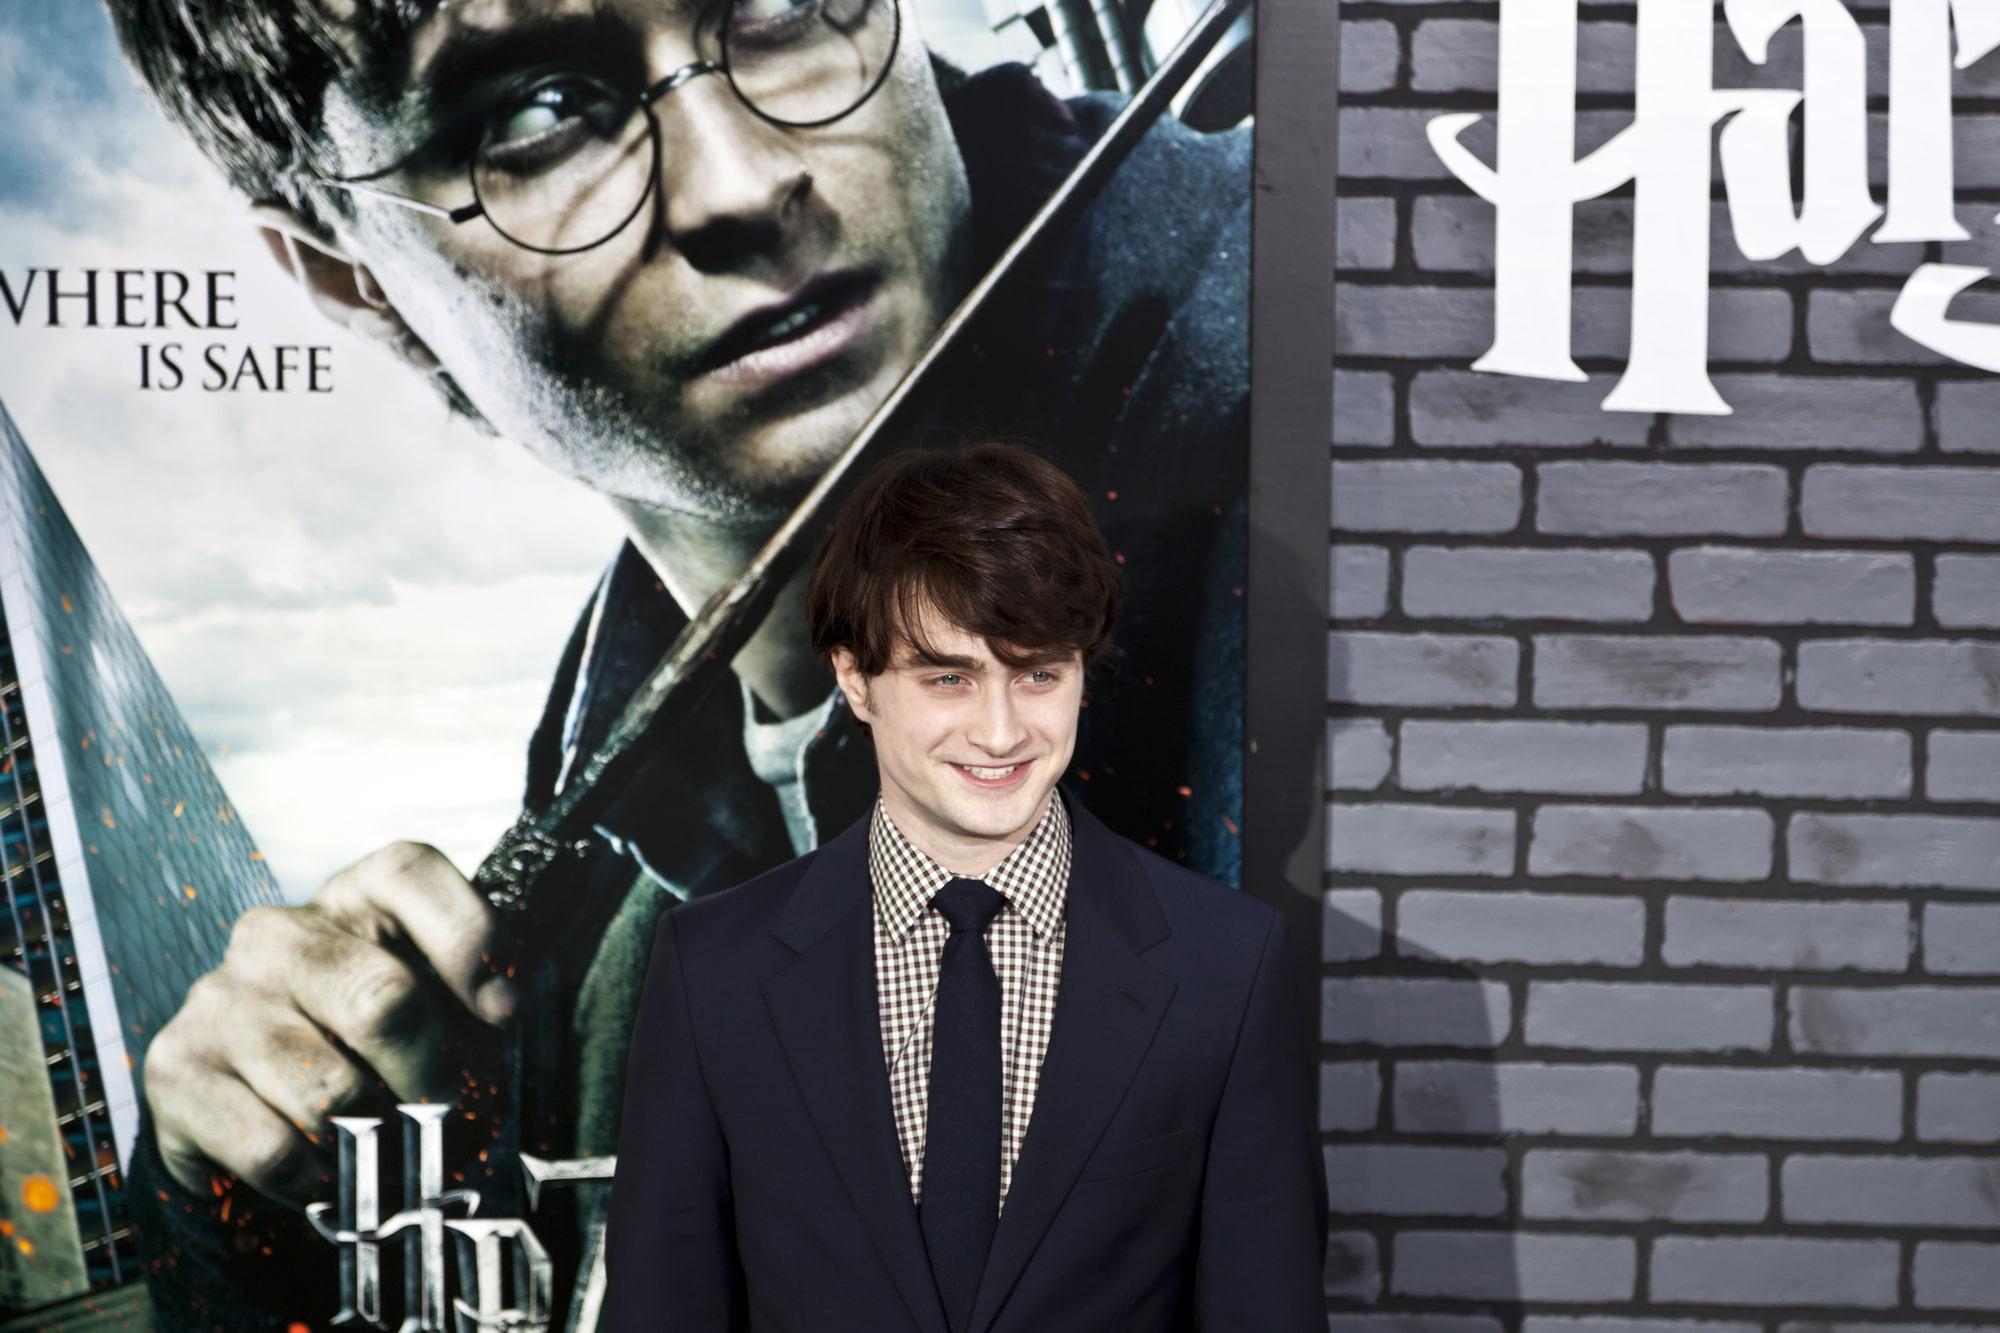 Продюсер Дэвид Хейман вспомнил трогательную сцену из «Гарри Поттера» в честь 20-летия франшизы